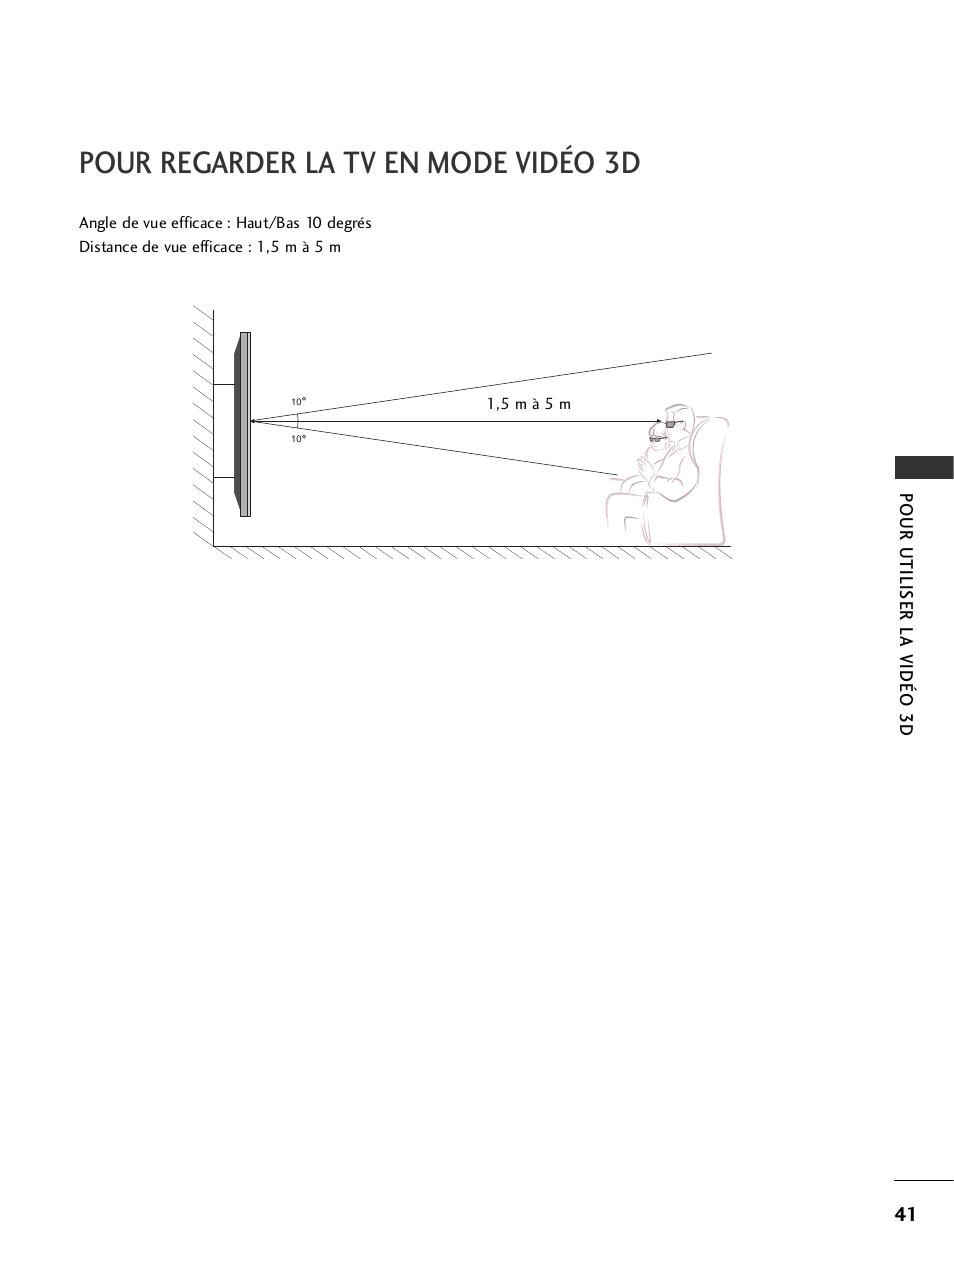 Distance Pour Regarder La Tv pour regarder la tv en mode vidéo 3d   lg 47ld950 manuel d